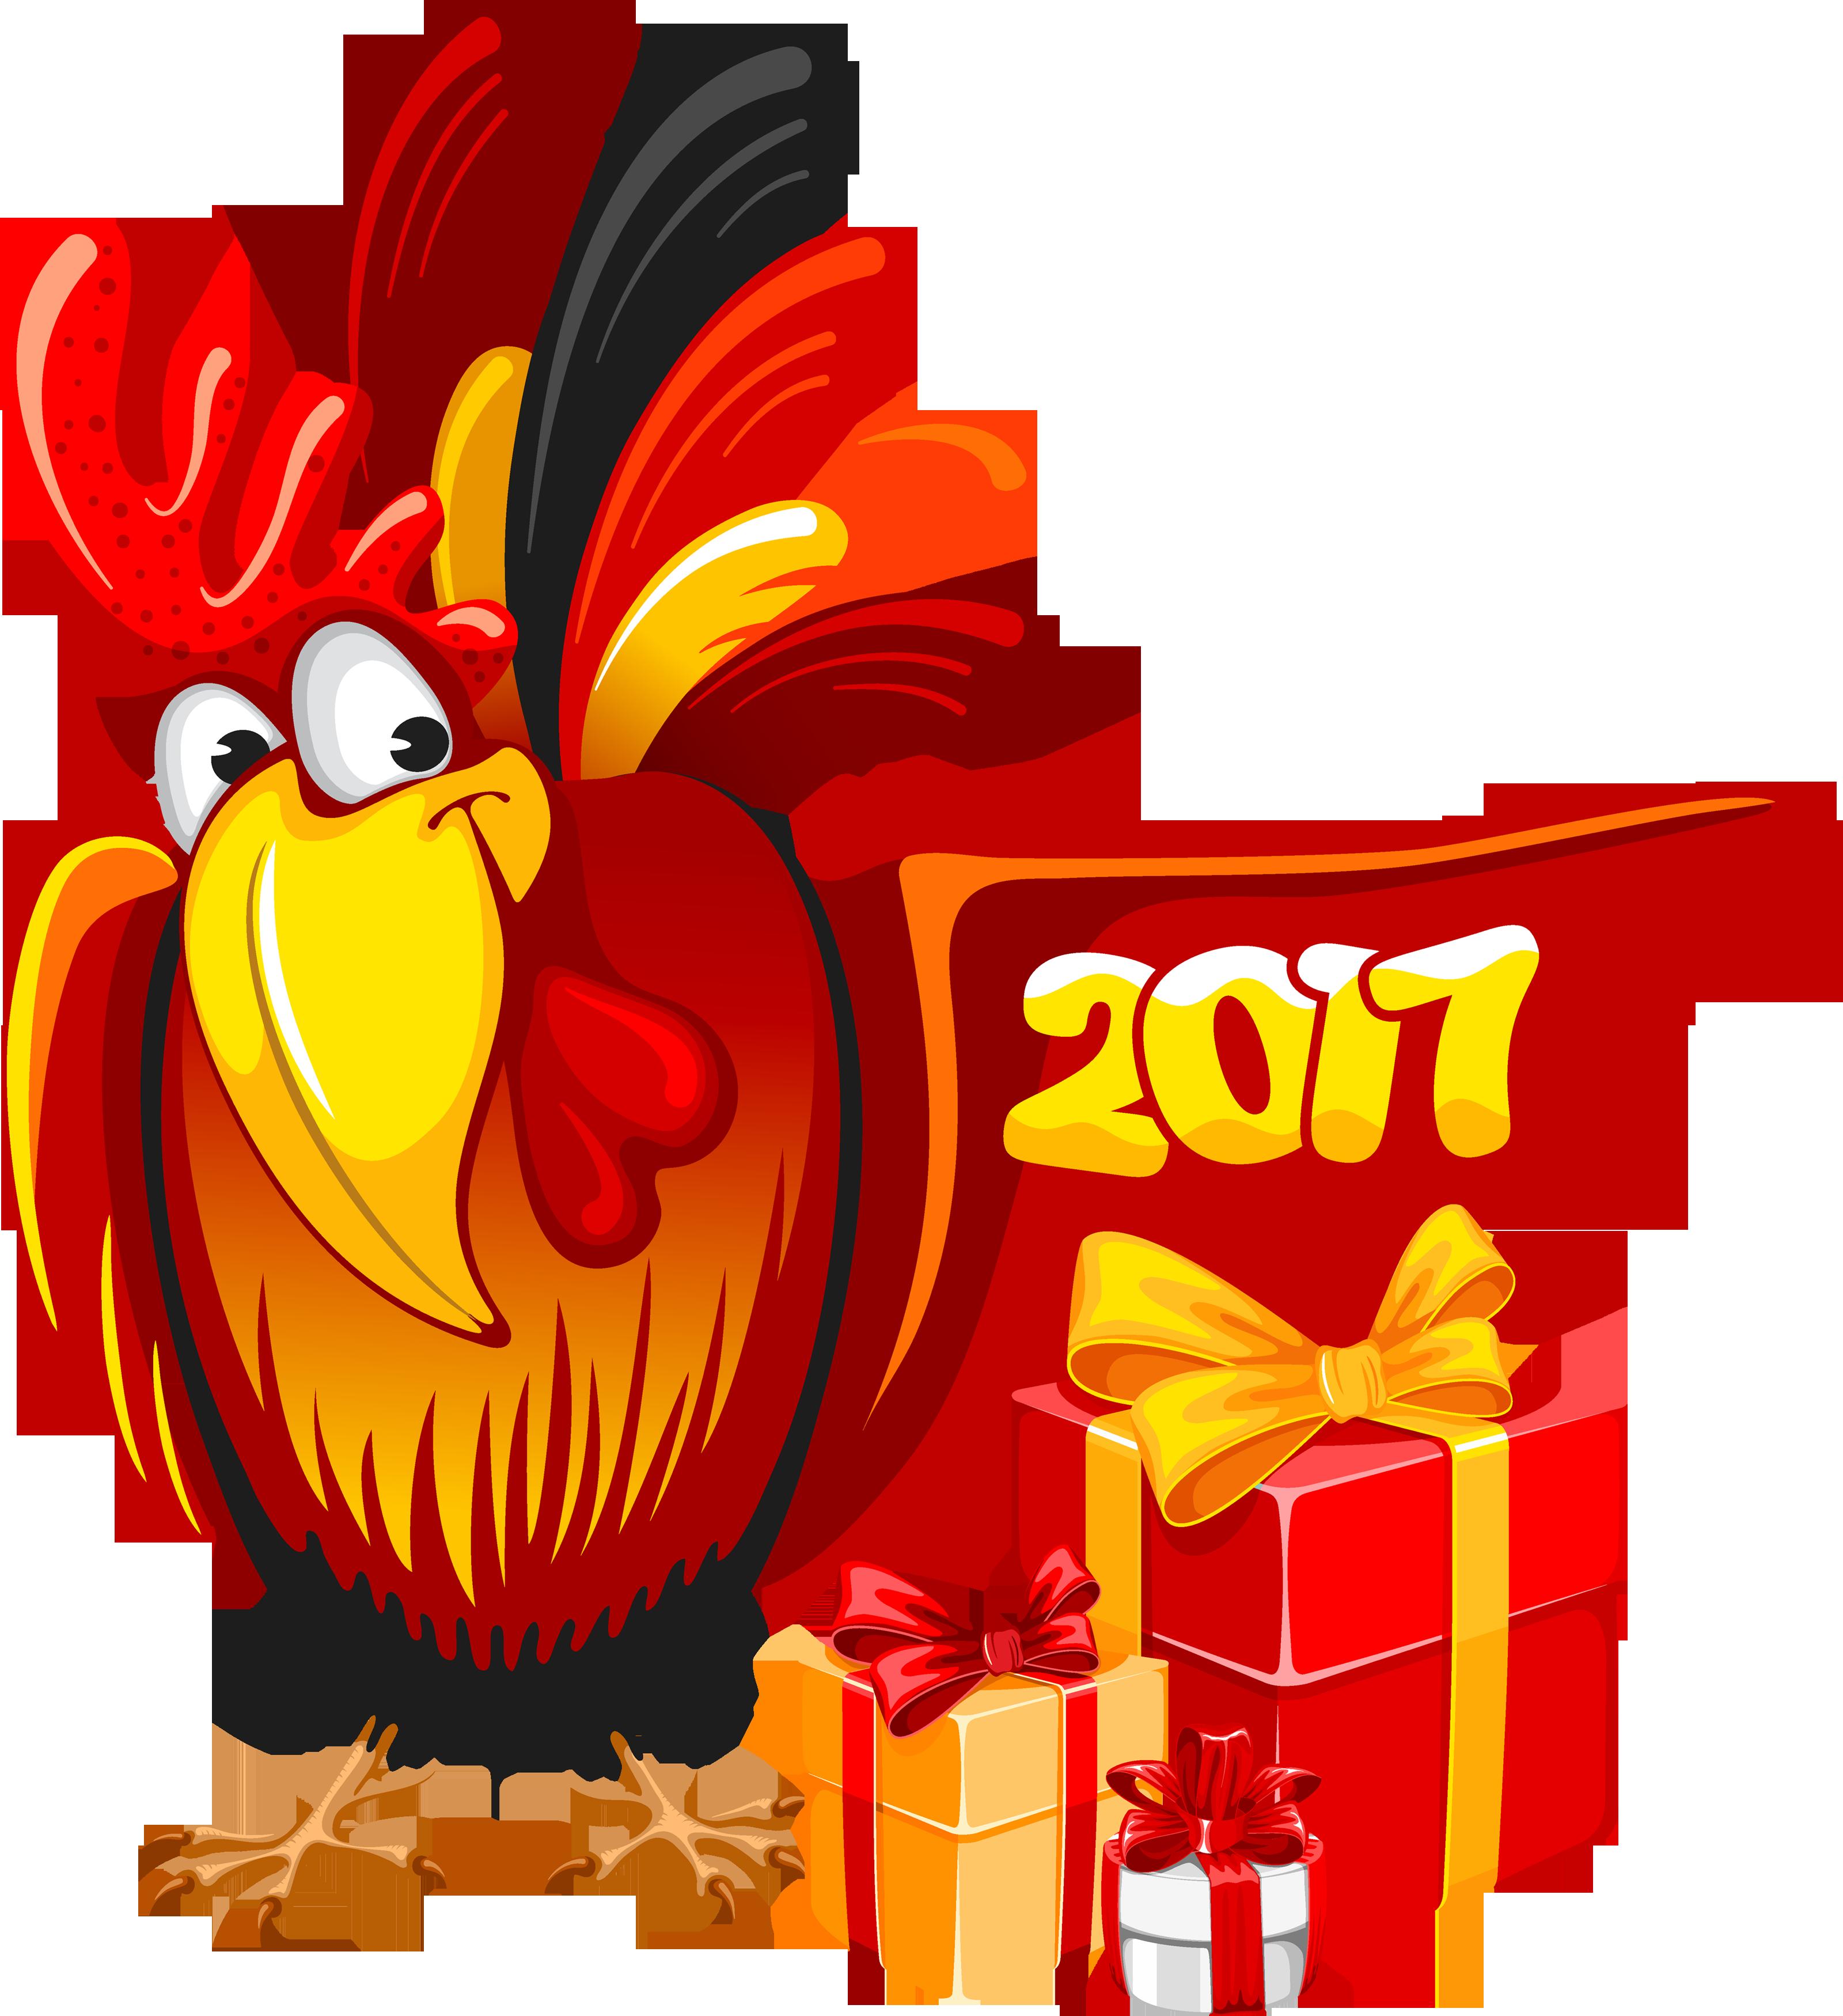 Анимированные новогодние открытки 2017 год петуха, скоро